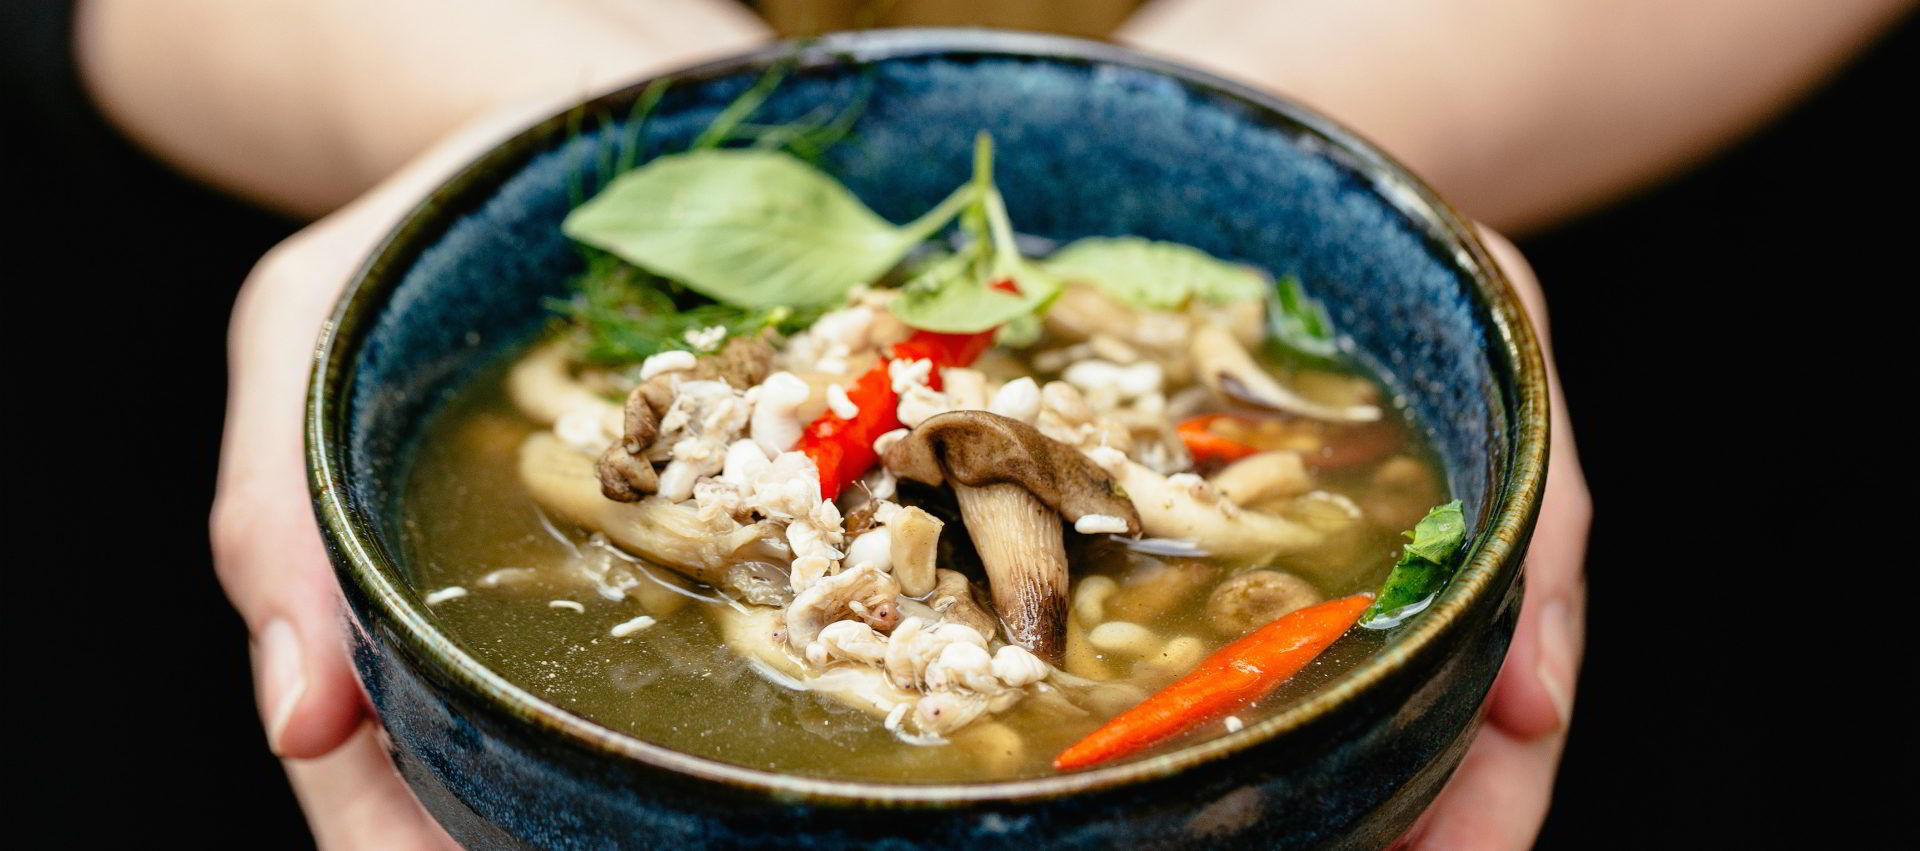 Laos Cafe Covent Garden